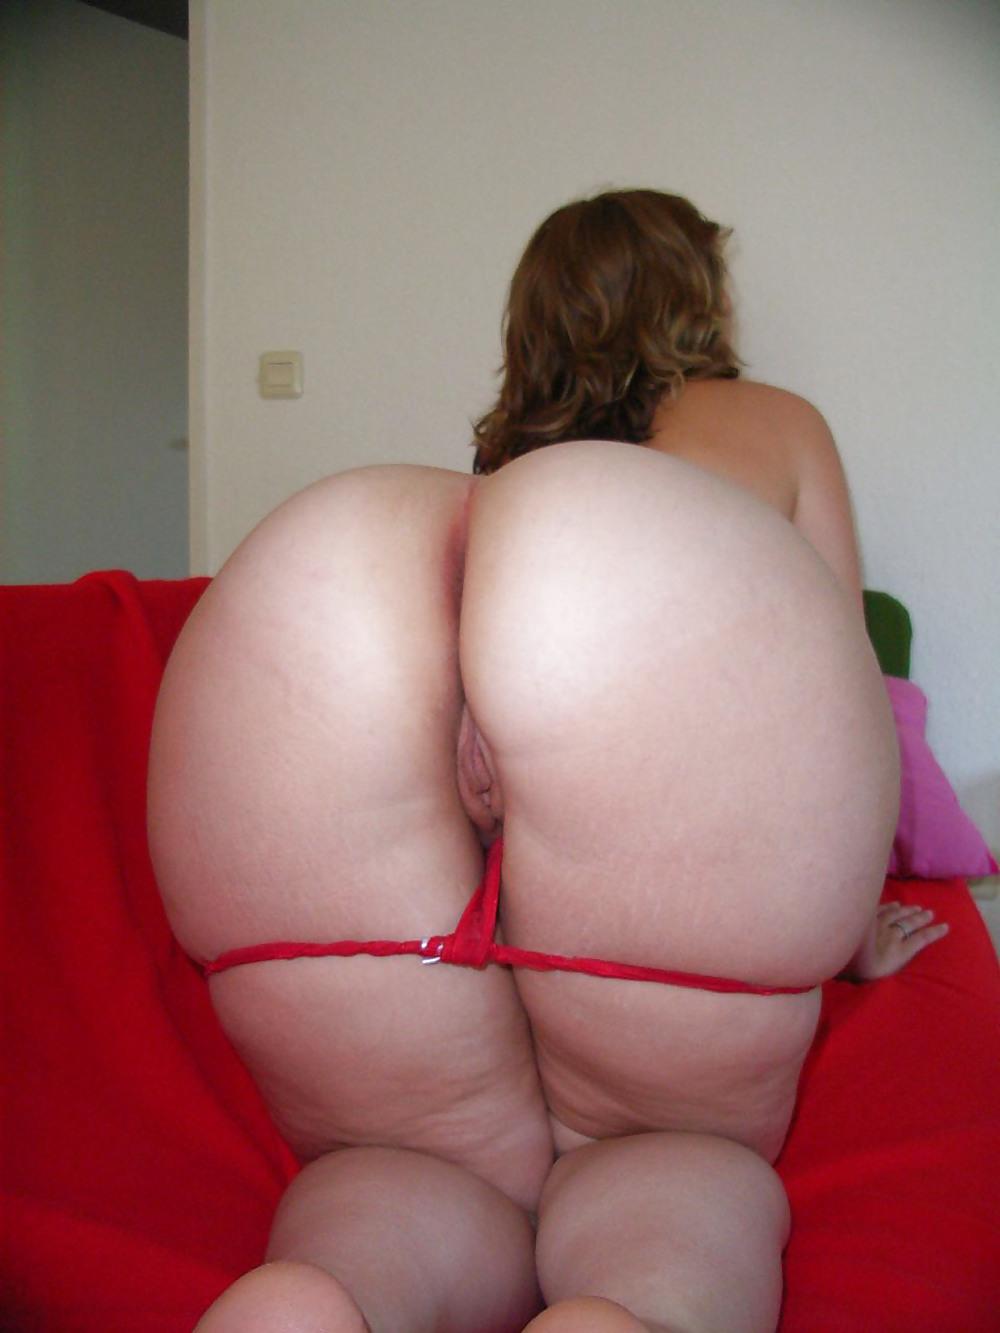 http://maturesonfire.com/gallery/Matures_milf_housewives_66/46.jpg